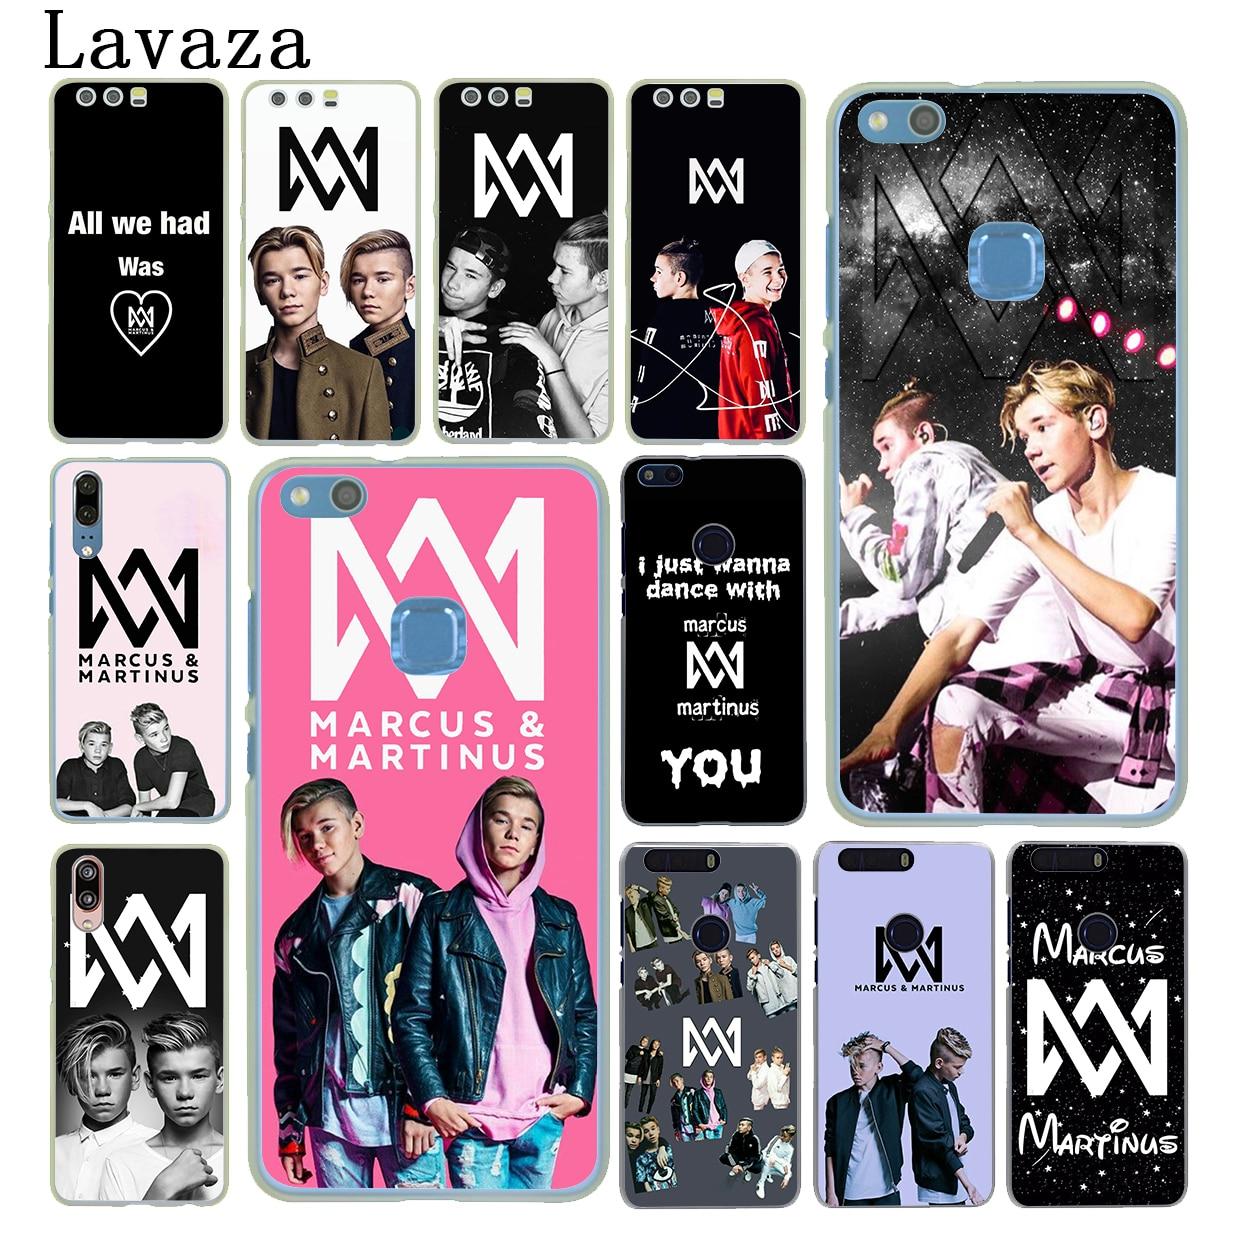 Чехол для телефона Lavaza Marcus & Martinus M & M для Huawei P30 P20 Pro P9 P10 Plus P8 Lite Mini 2016 2017 P smart Z 2019